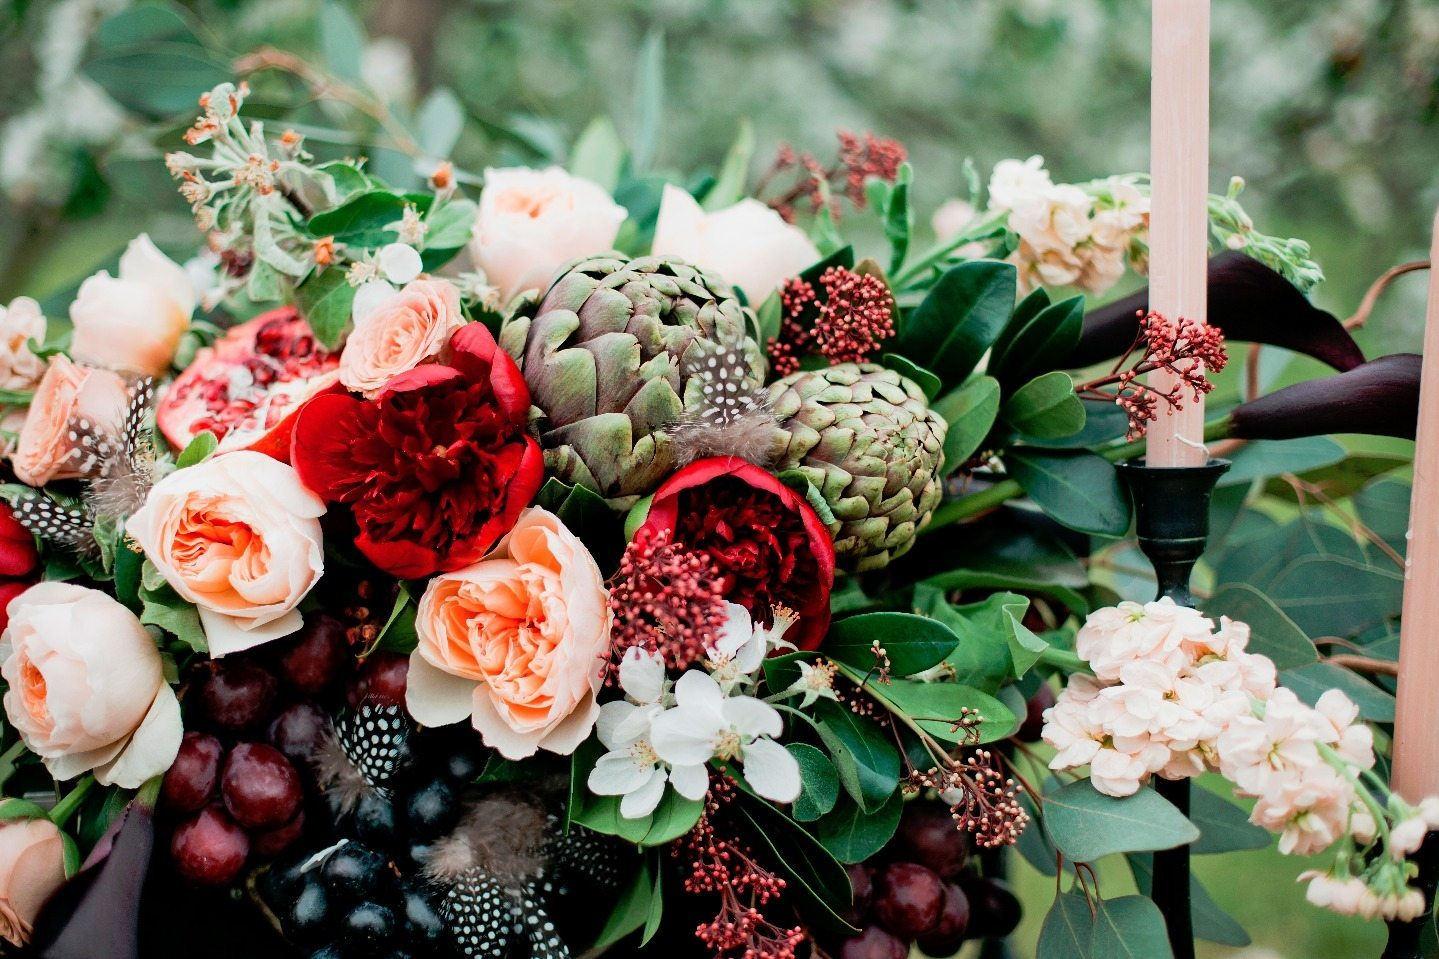 В саду фантазий: стилизованная фотосессия